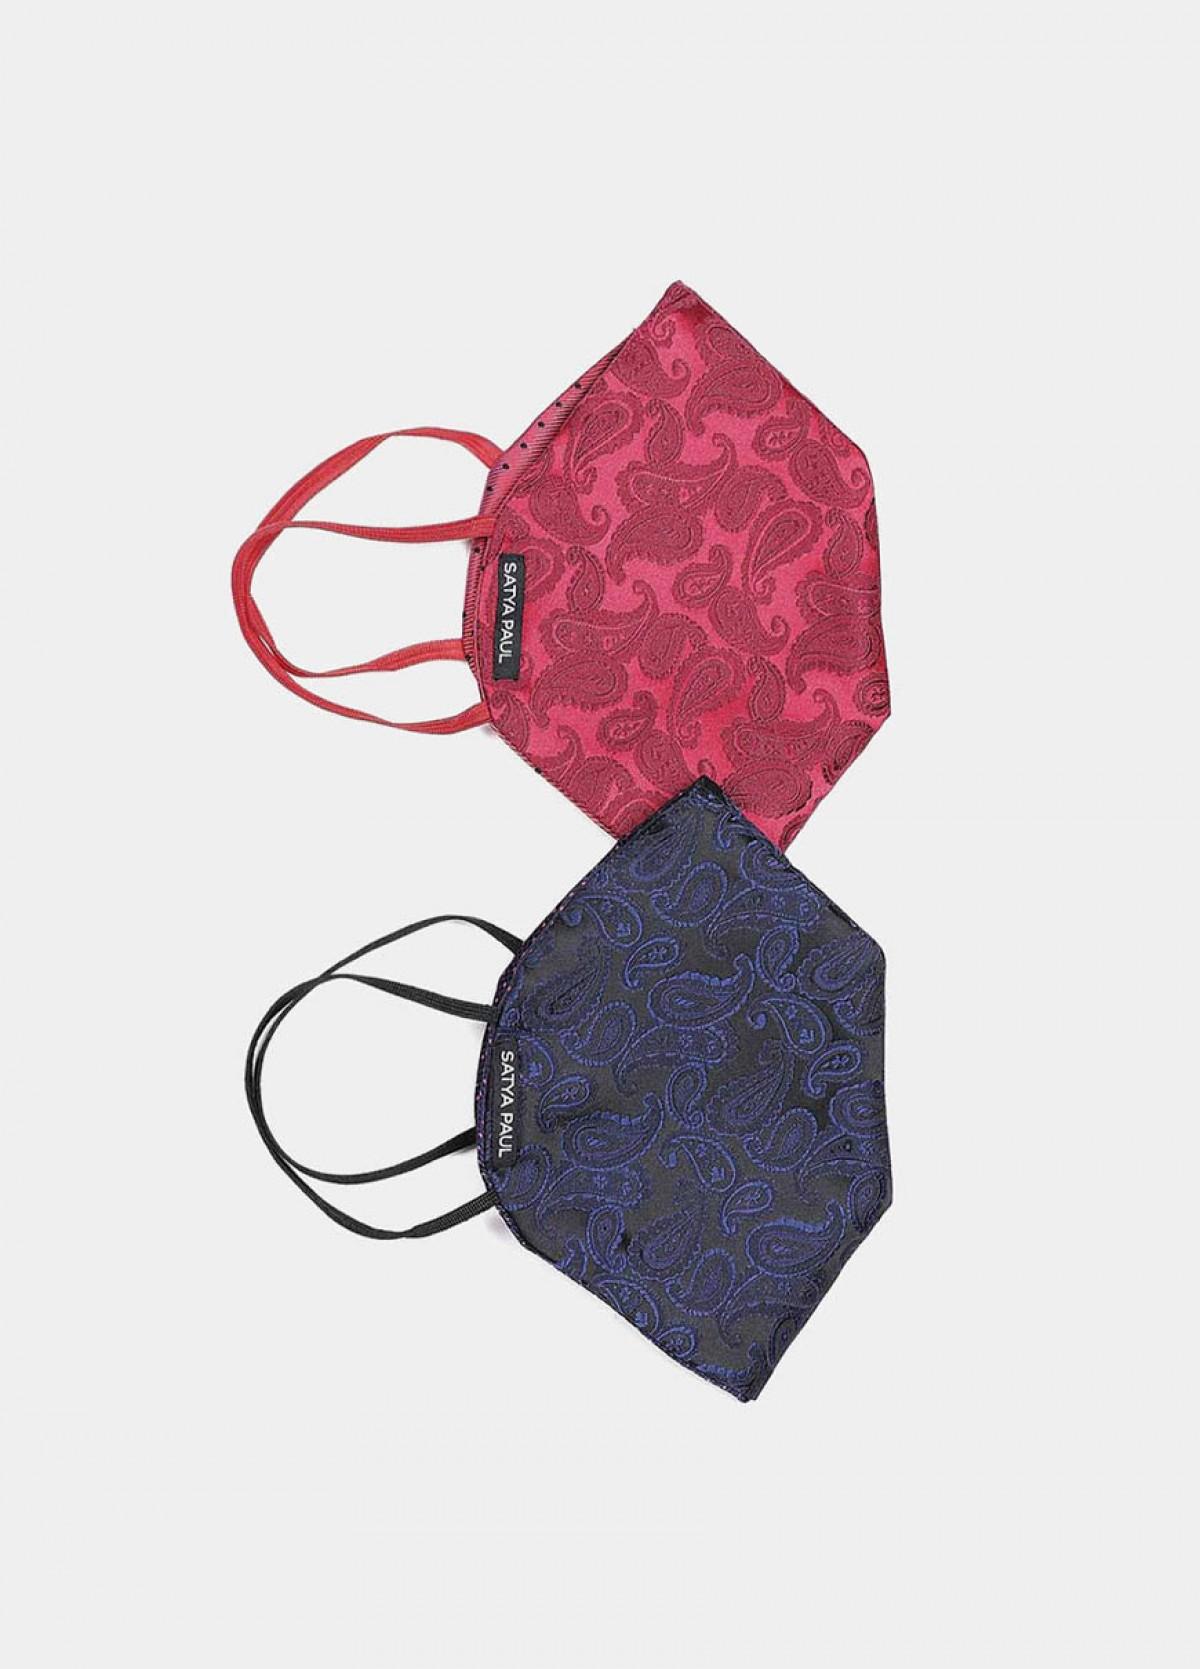 Reversible Unisex Face Mask Set